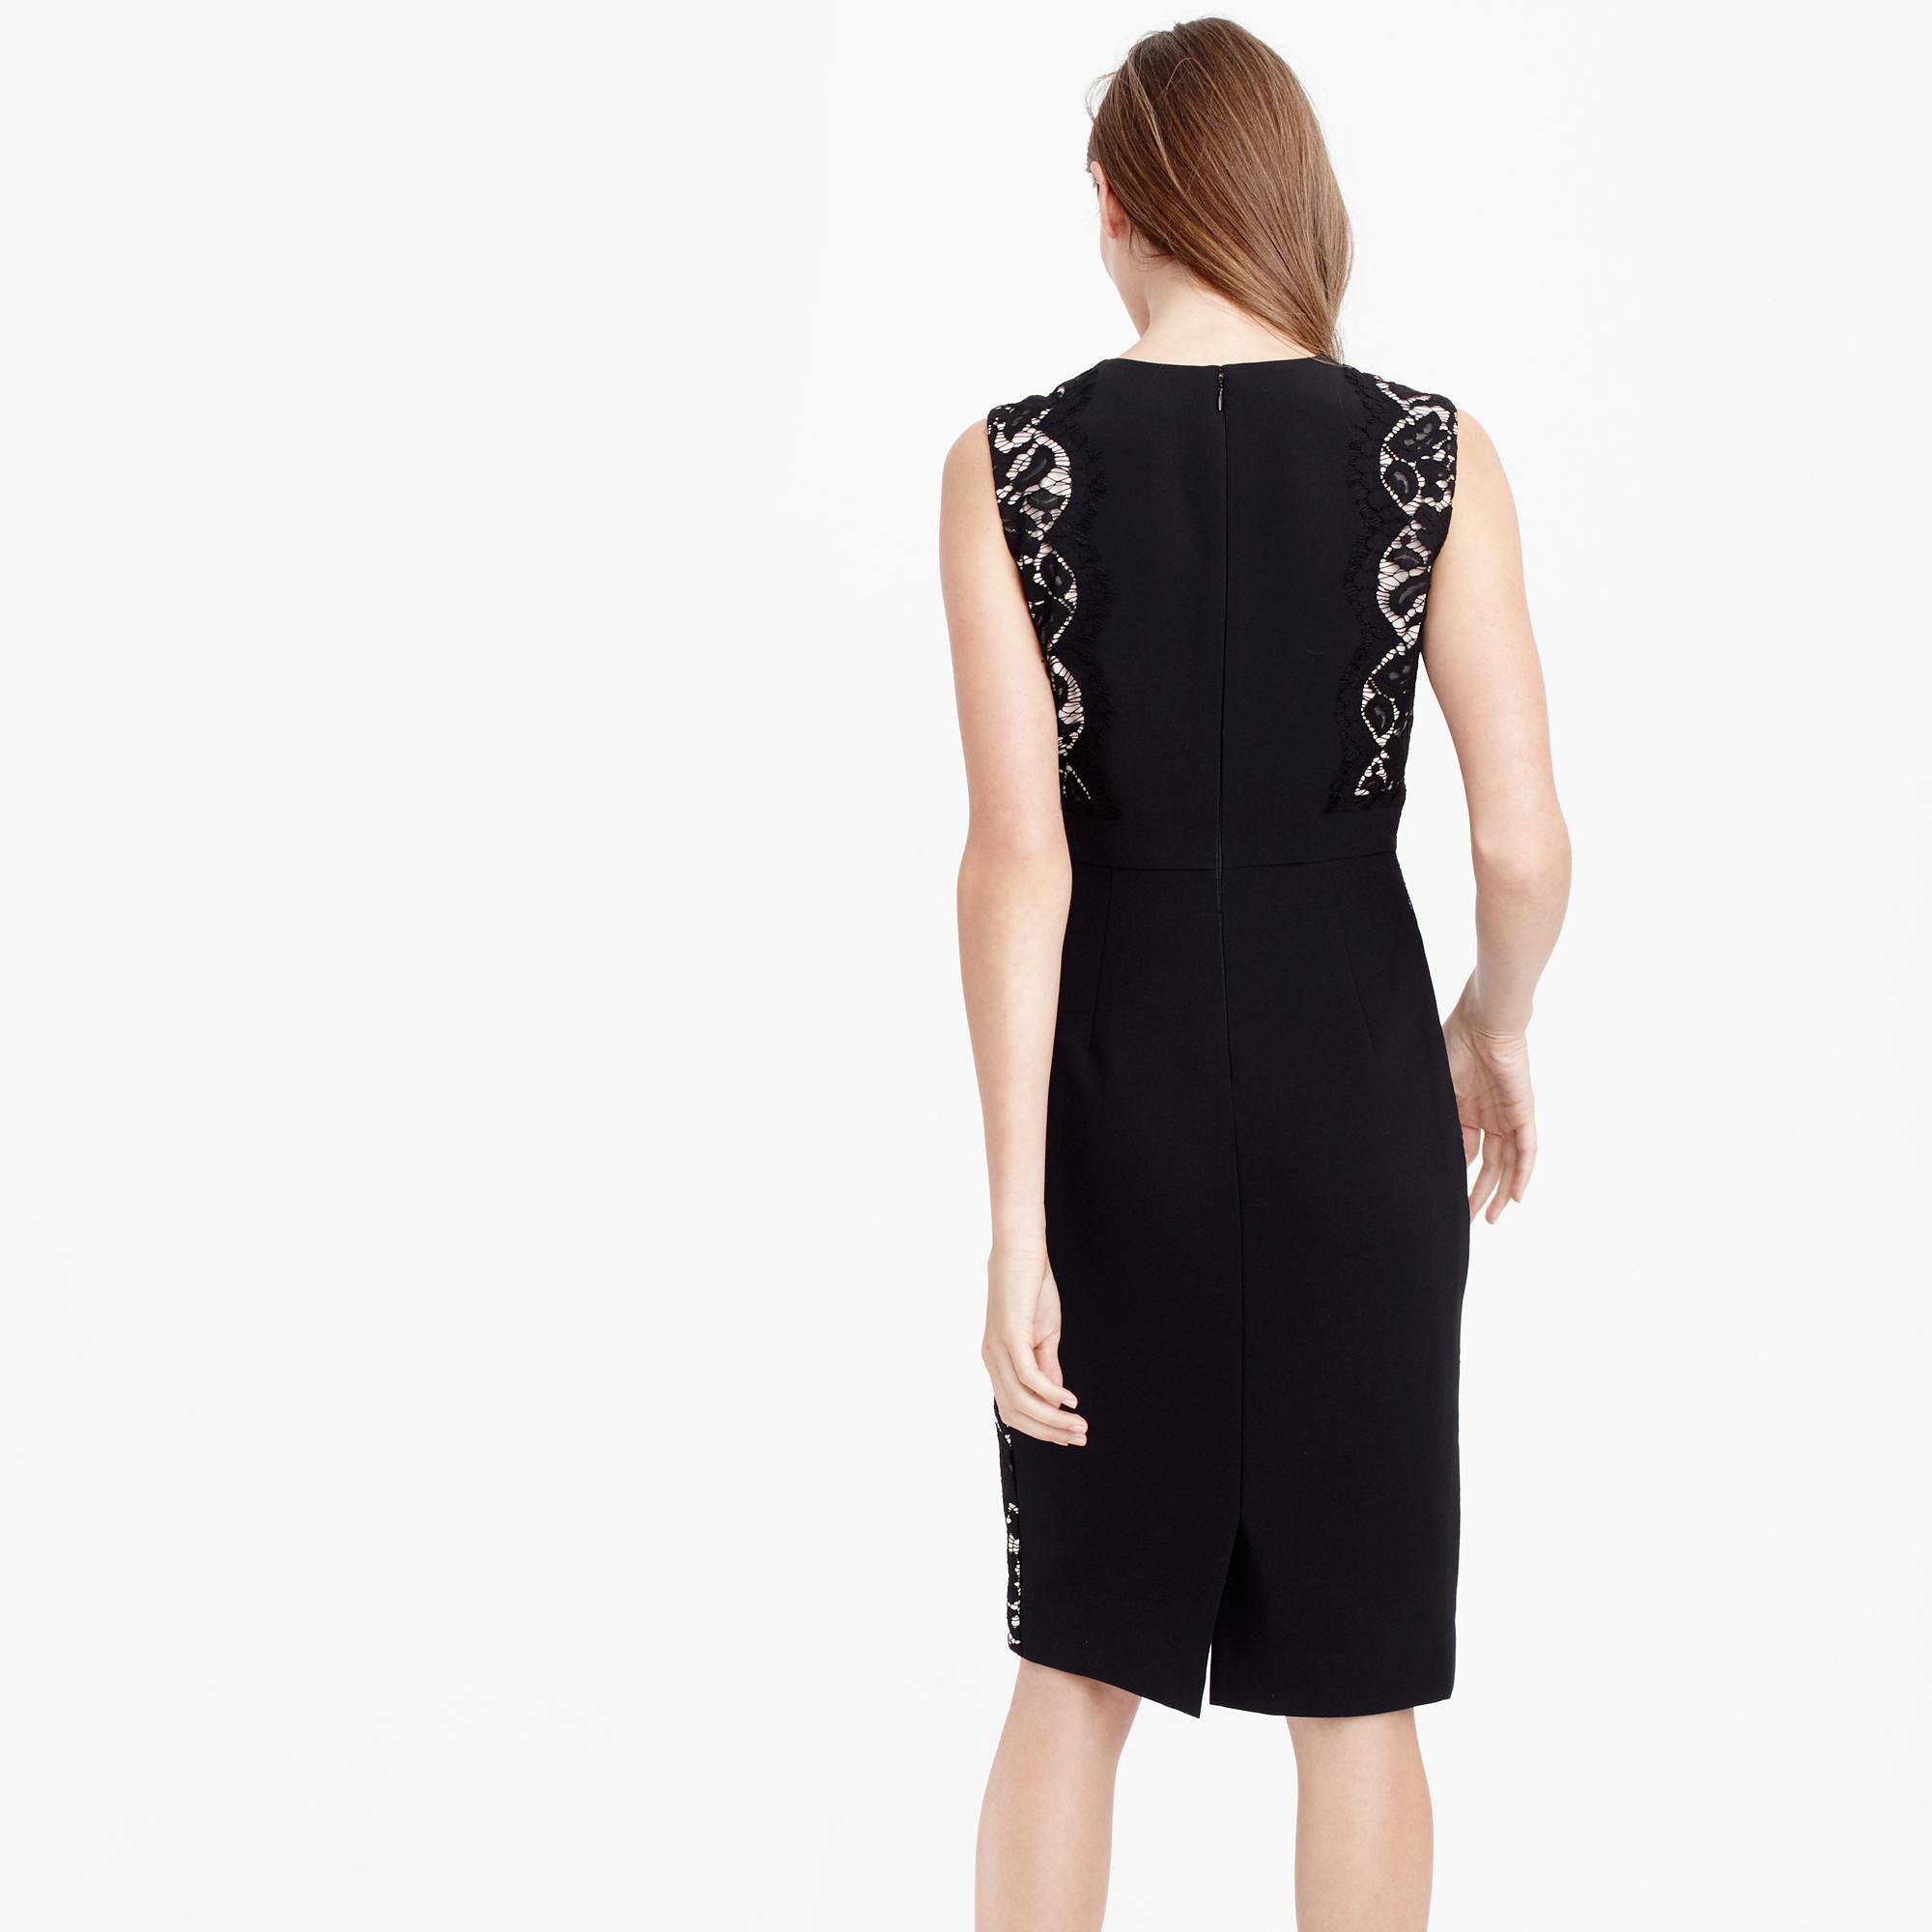 Black dress j crew -  Petite Lace Panel Dress